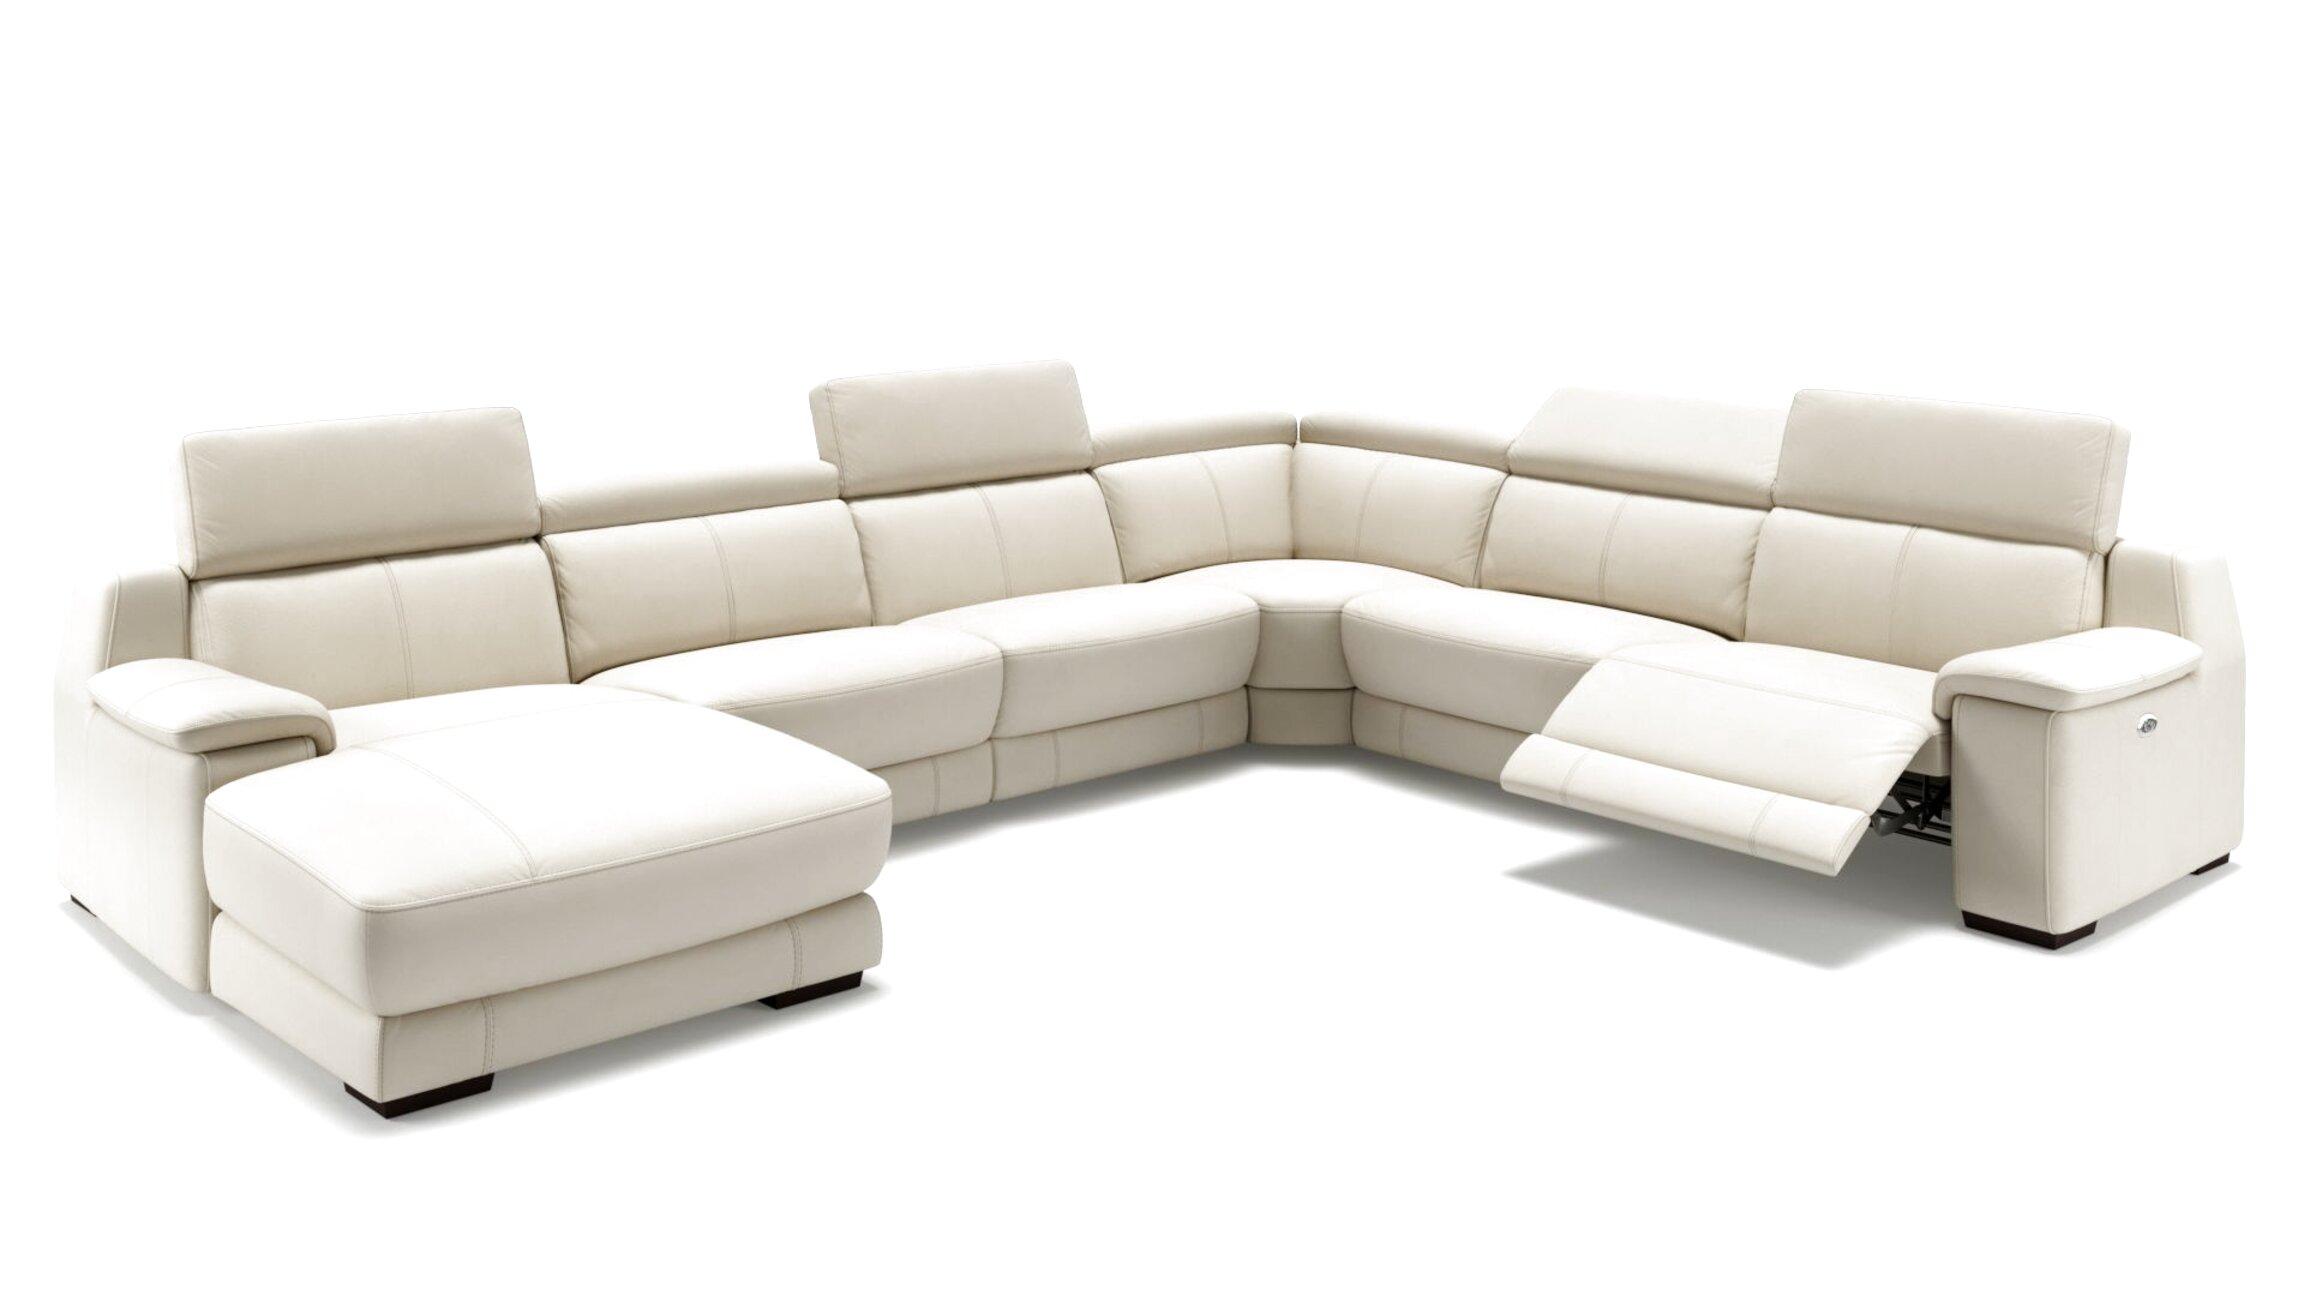 U Form Sofa gebraucht kaufen! Nur noch 4 St. bis -60% ...